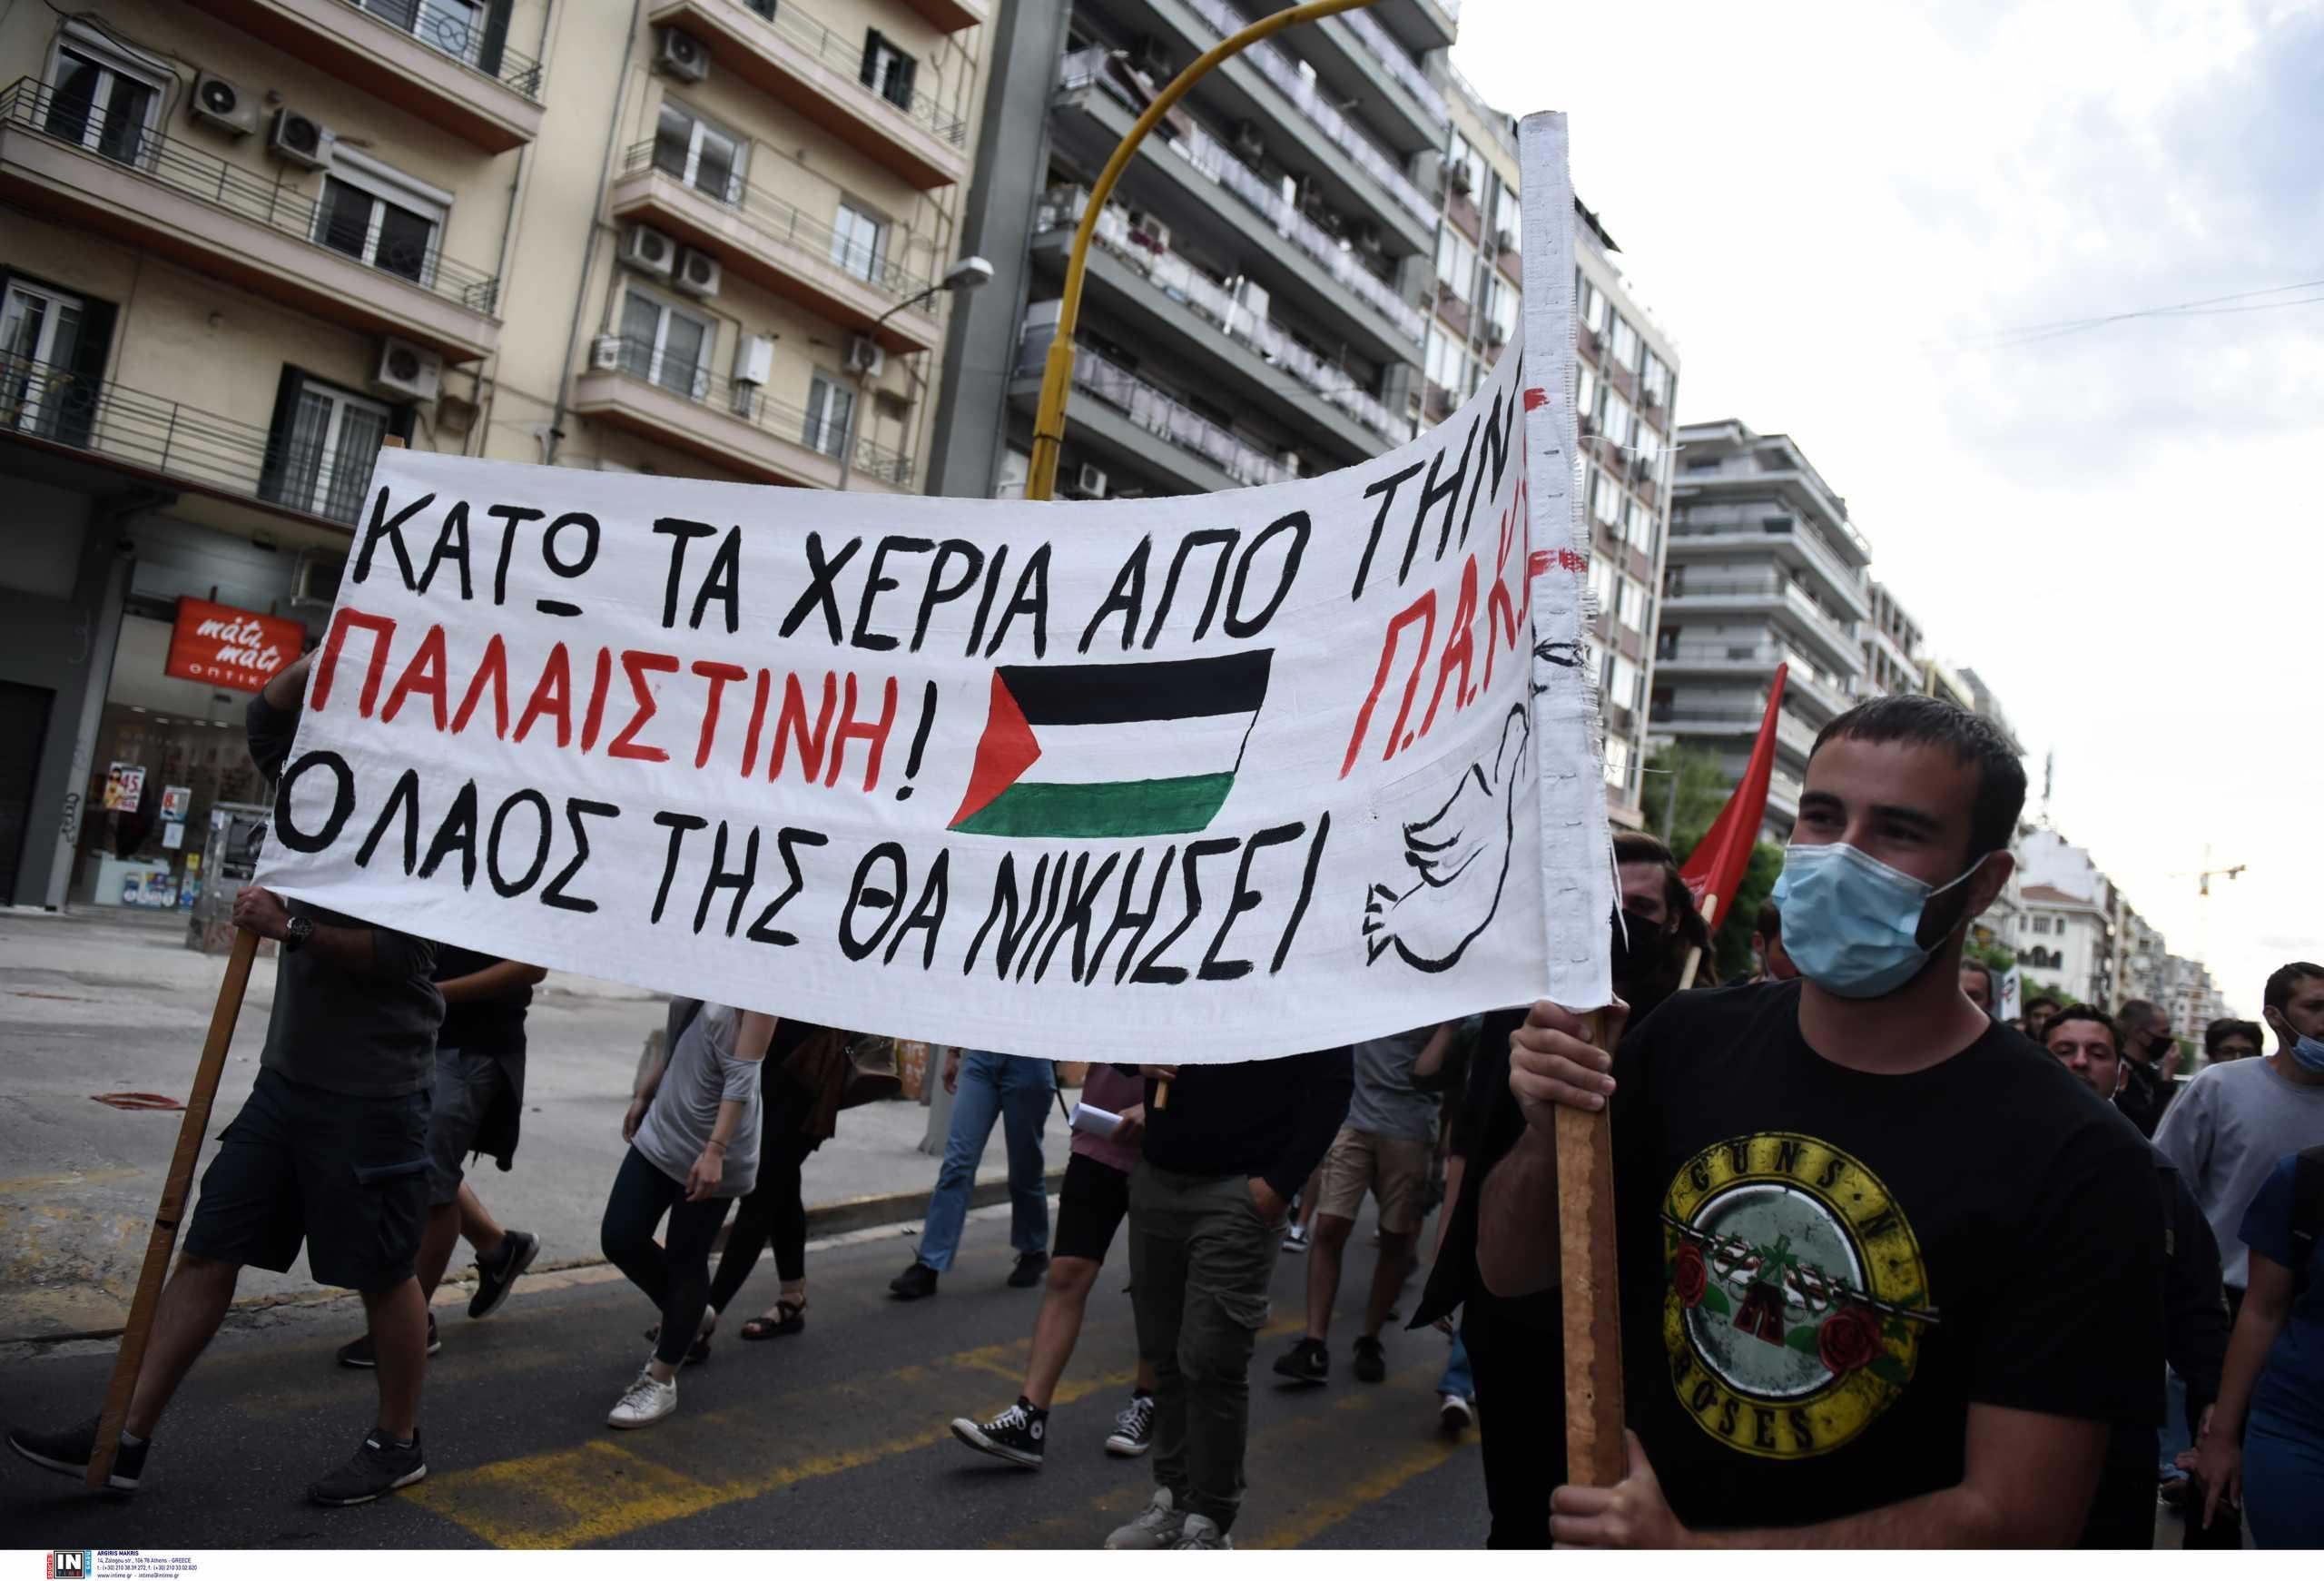 Πορεία αλληλεγγύης στους Παλαιστίνιους έγινε στη Θεσσαλονίκη